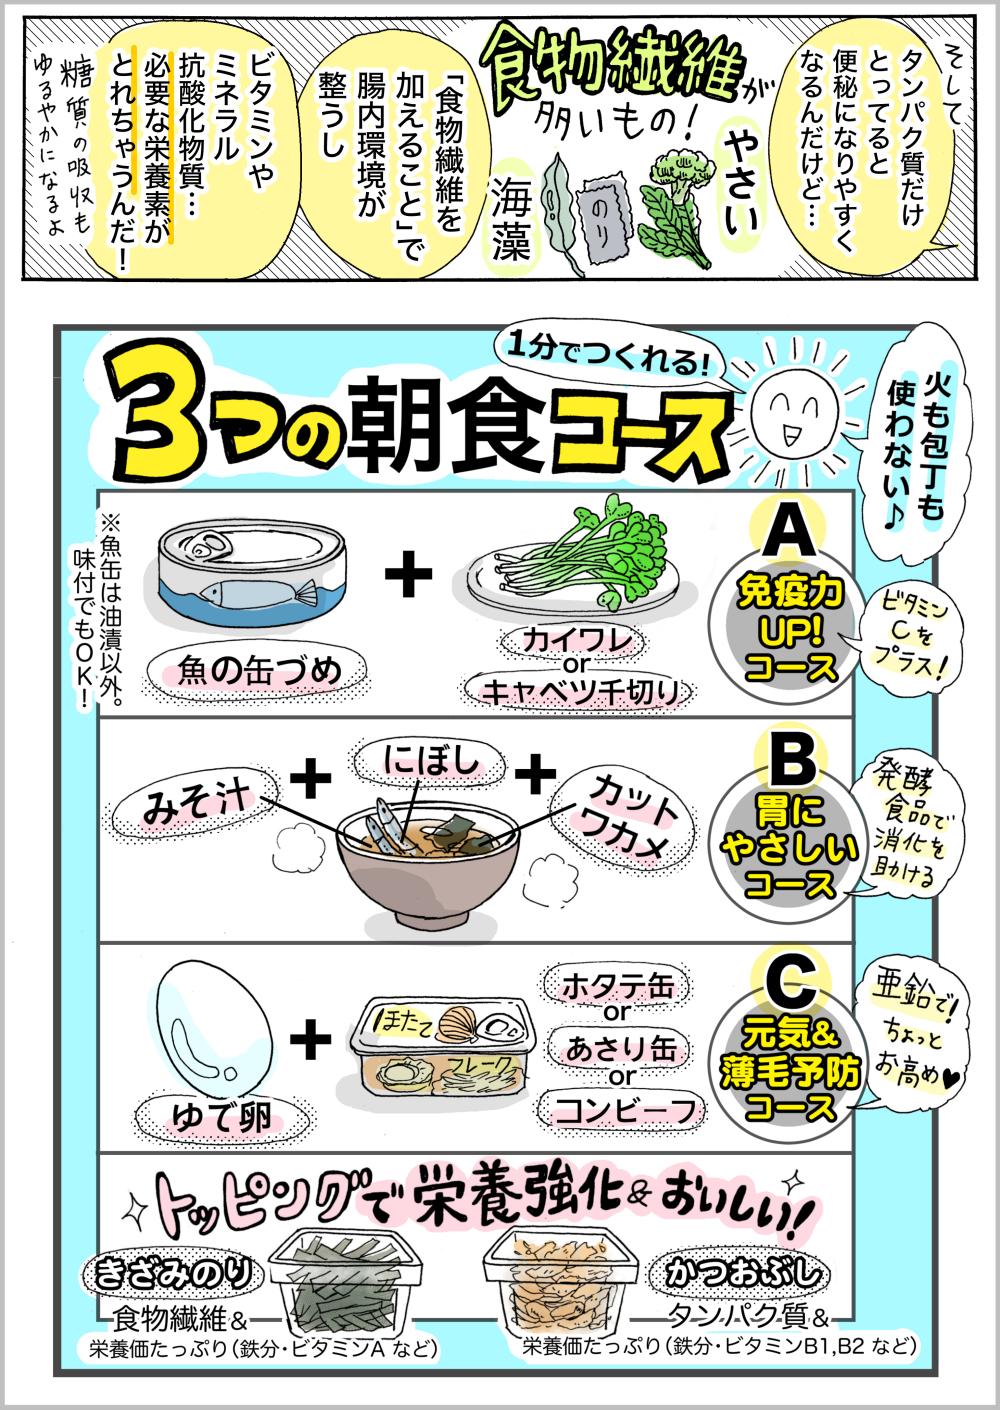 2shoshoku-2